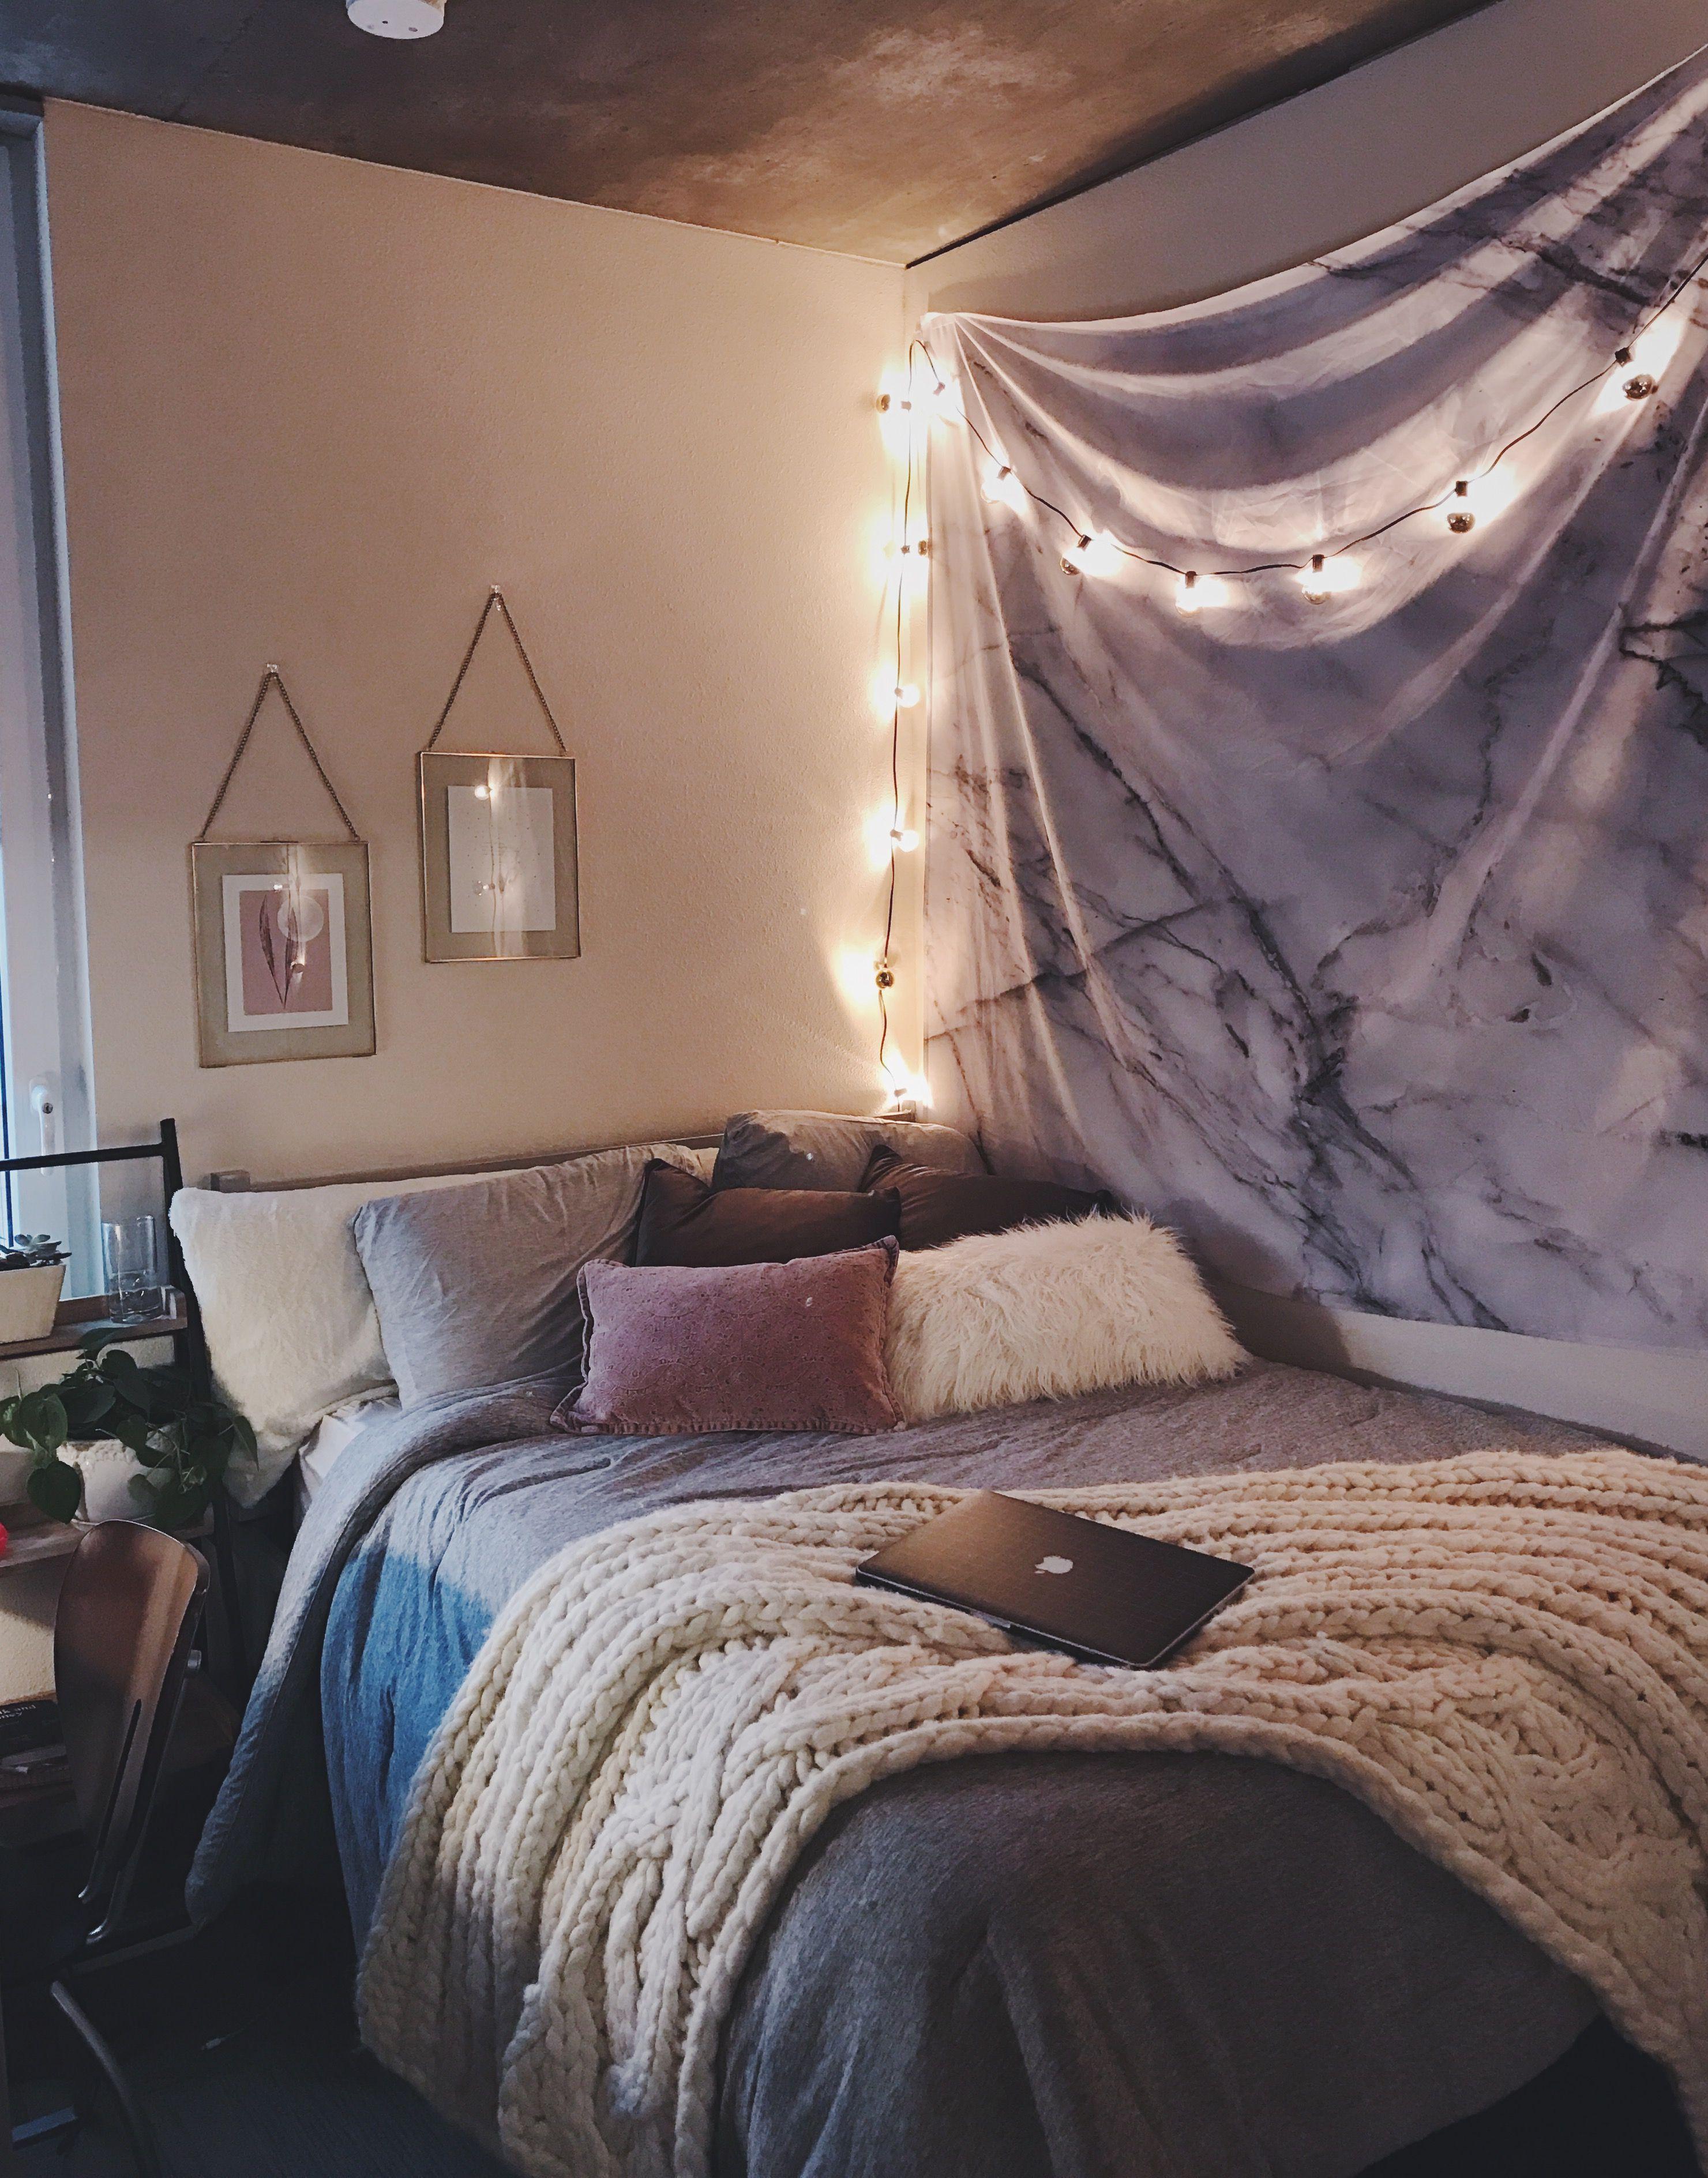 Best 25+ Bedroom ideas minimalist ideas on Pinterest ... on Bedroom Minimalist Ideas  id=25259